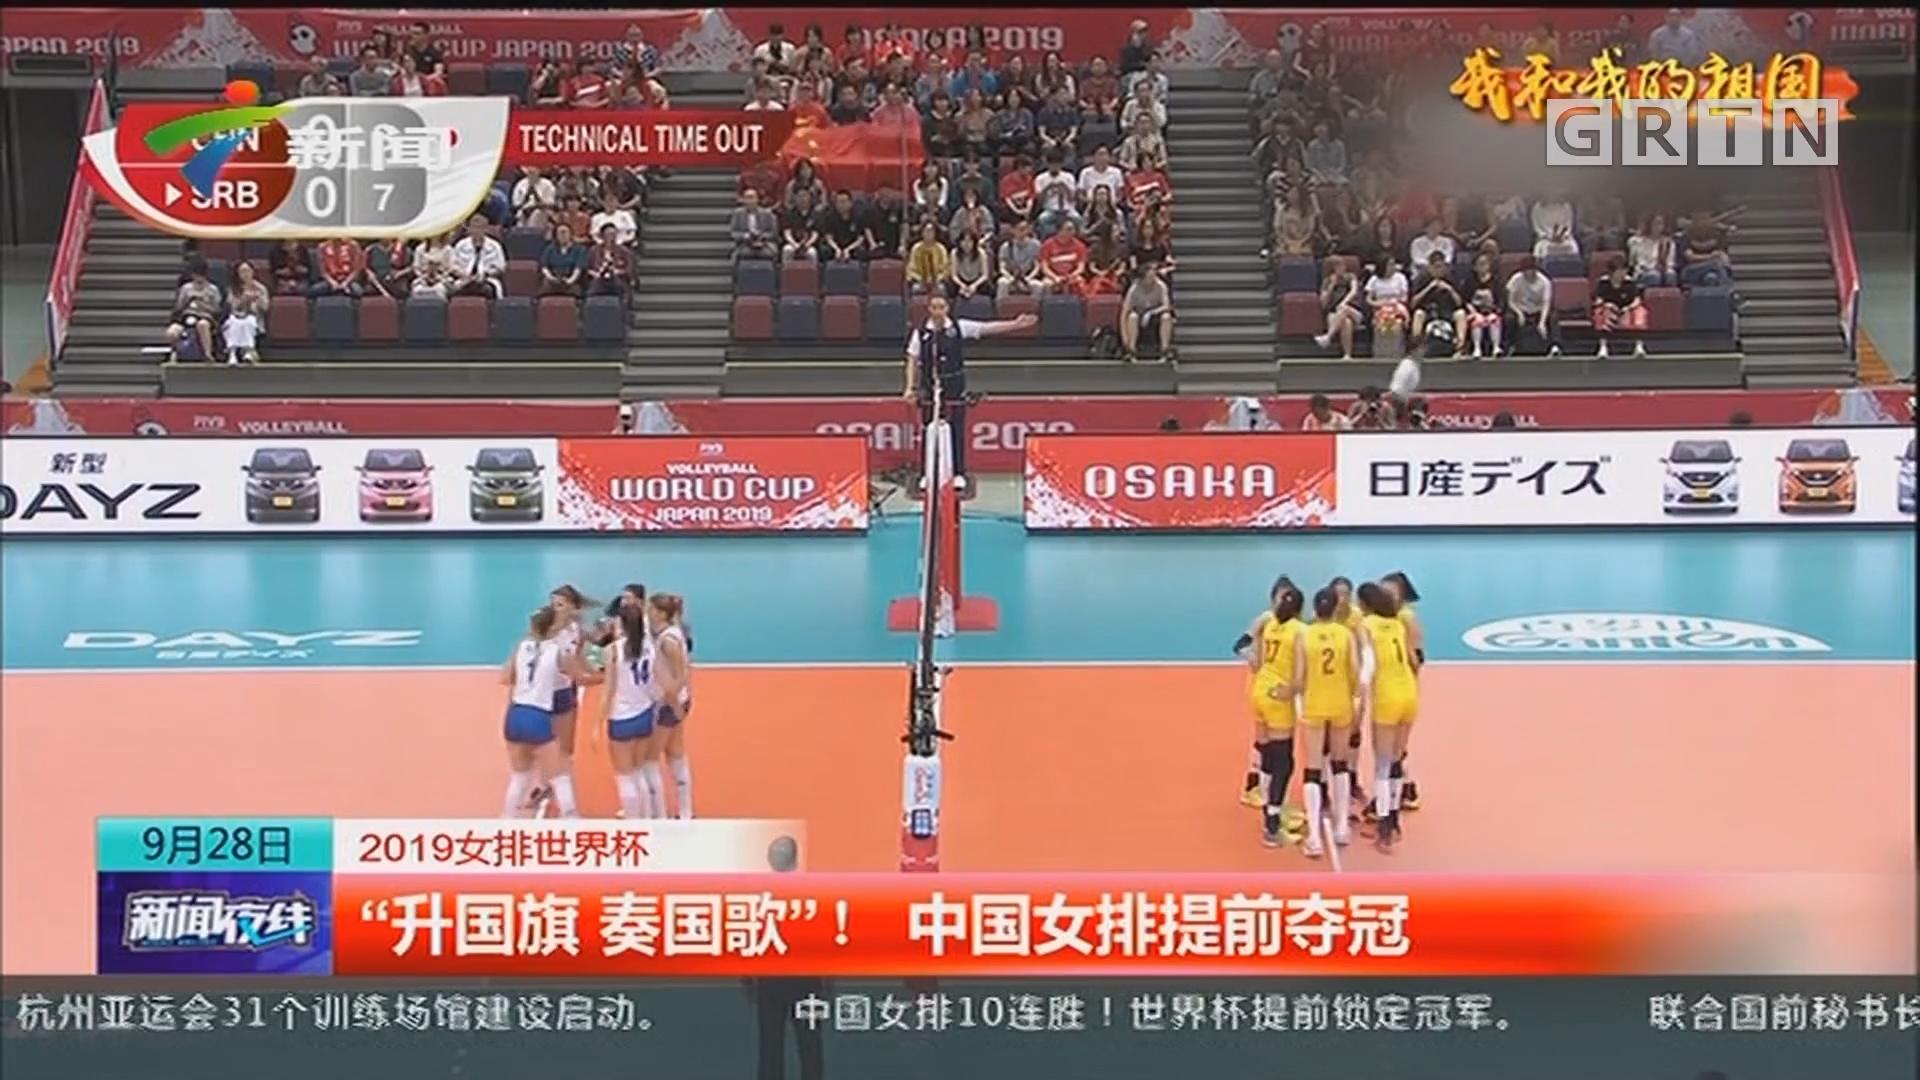 """2019女排世界杯 """"升国旗 奏国歌""""! 中国女排提前夺冠"""